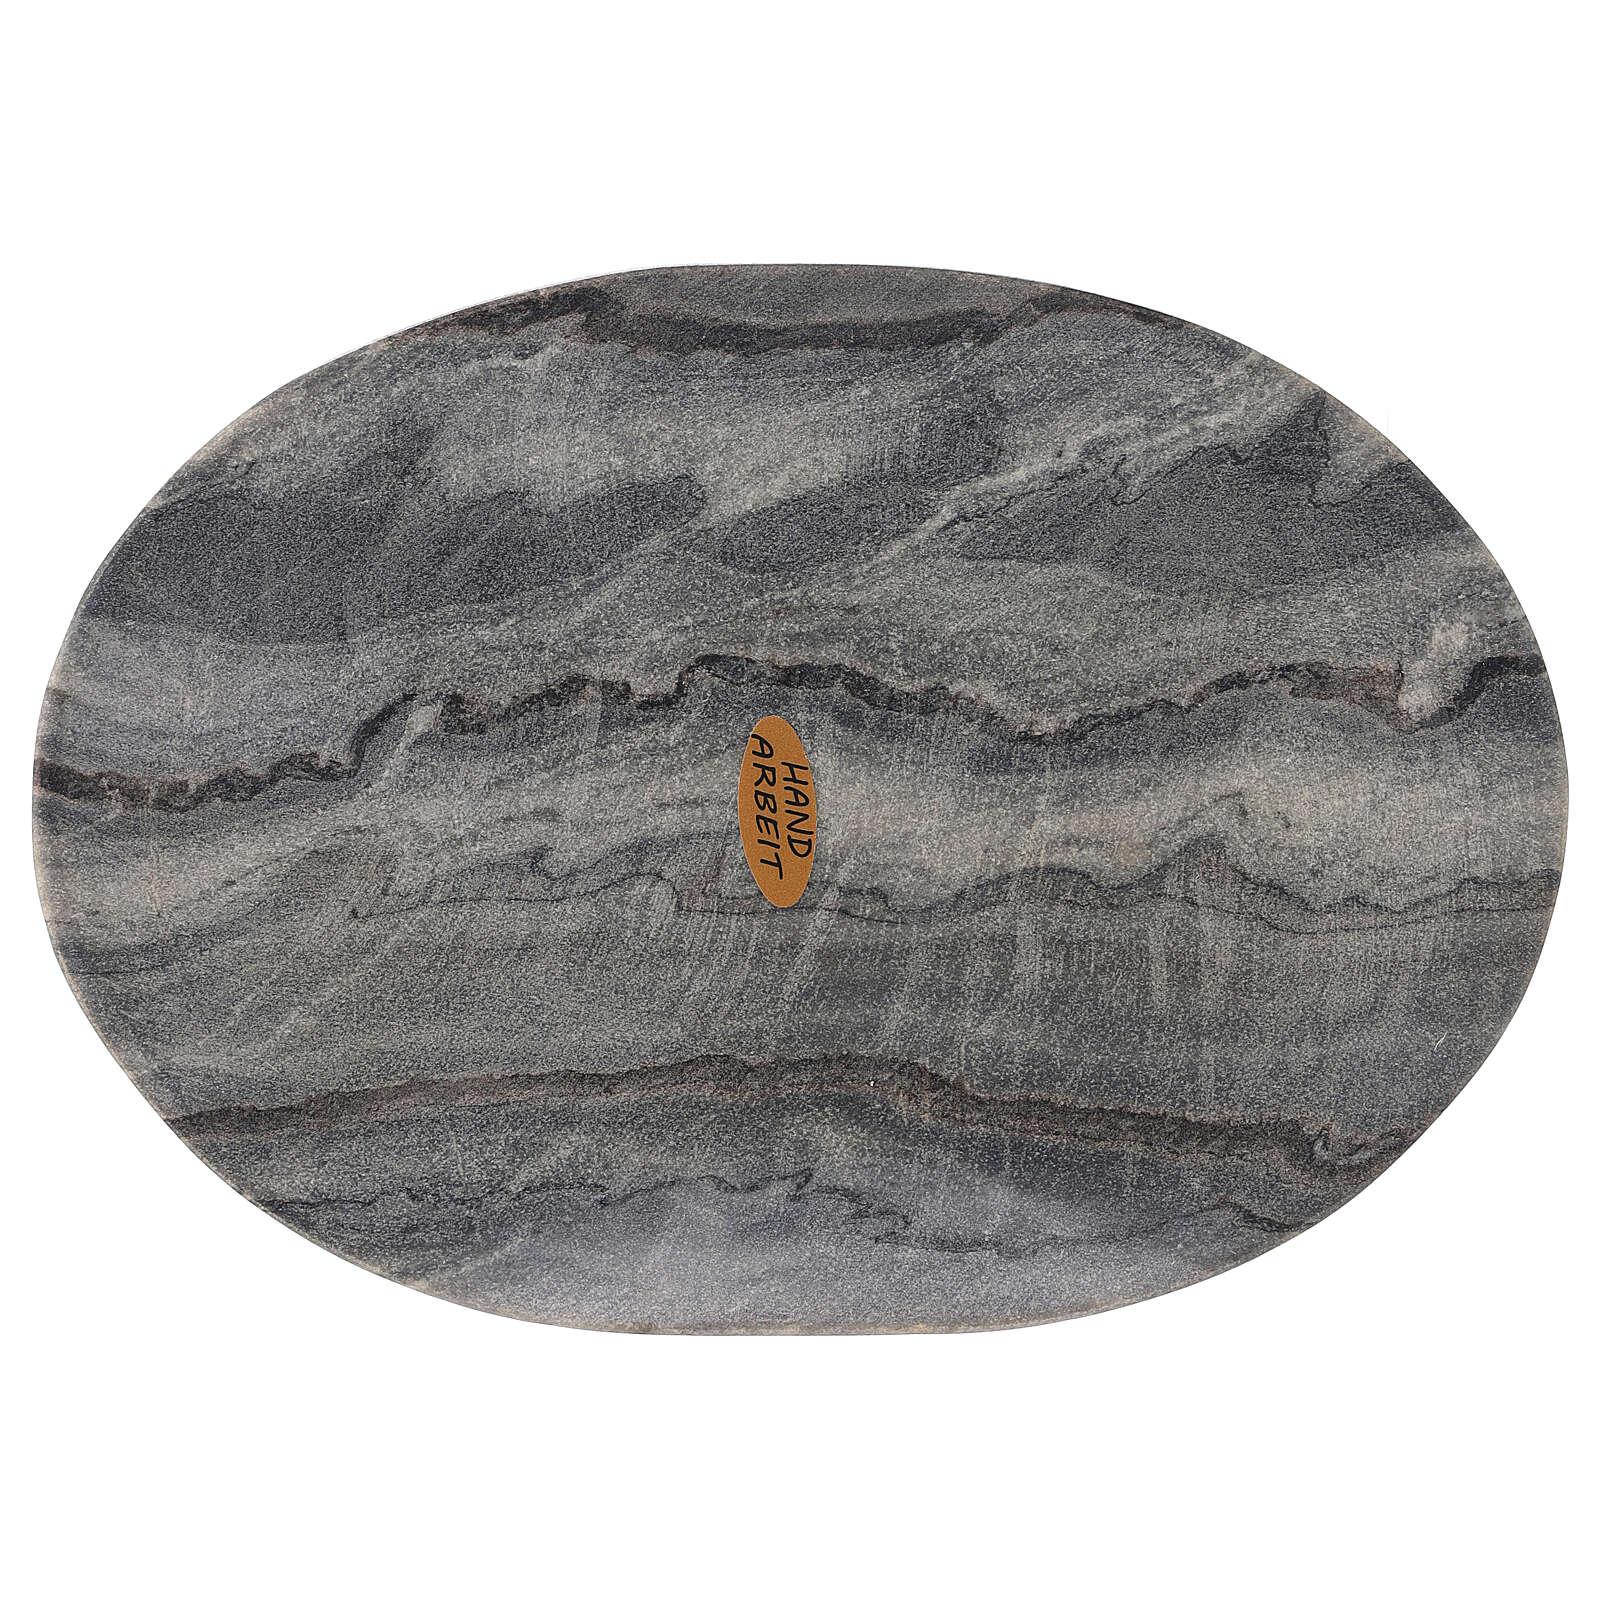 Assiette ovale porte-bougie 20x14 cm pierre naturelle 3